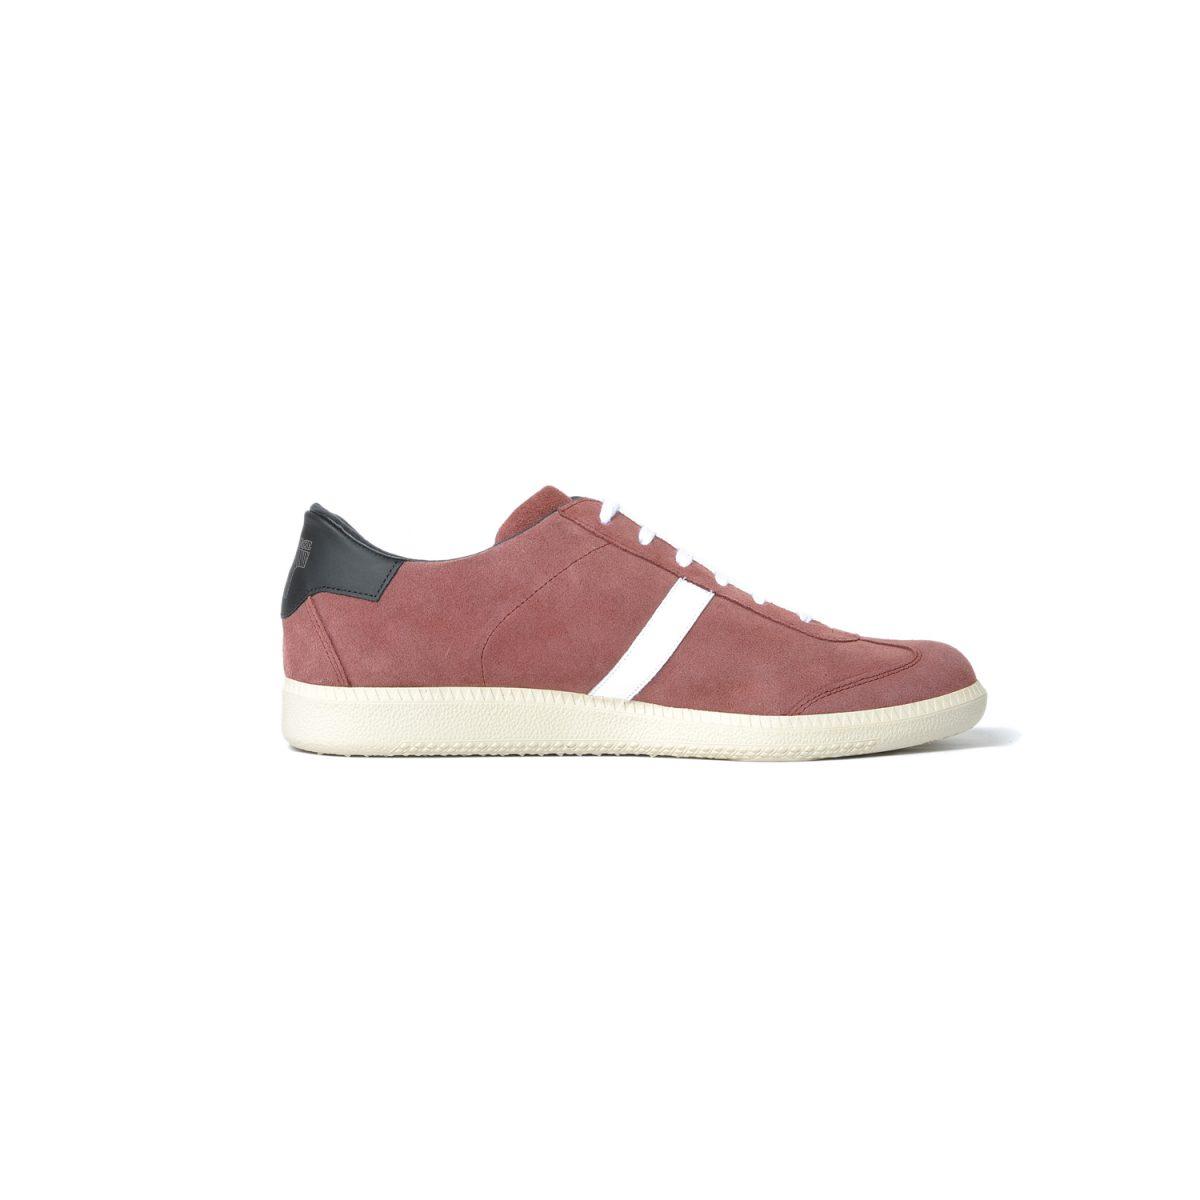 Tisza cipő - Comfort - Gesztenye-fehér-fekete